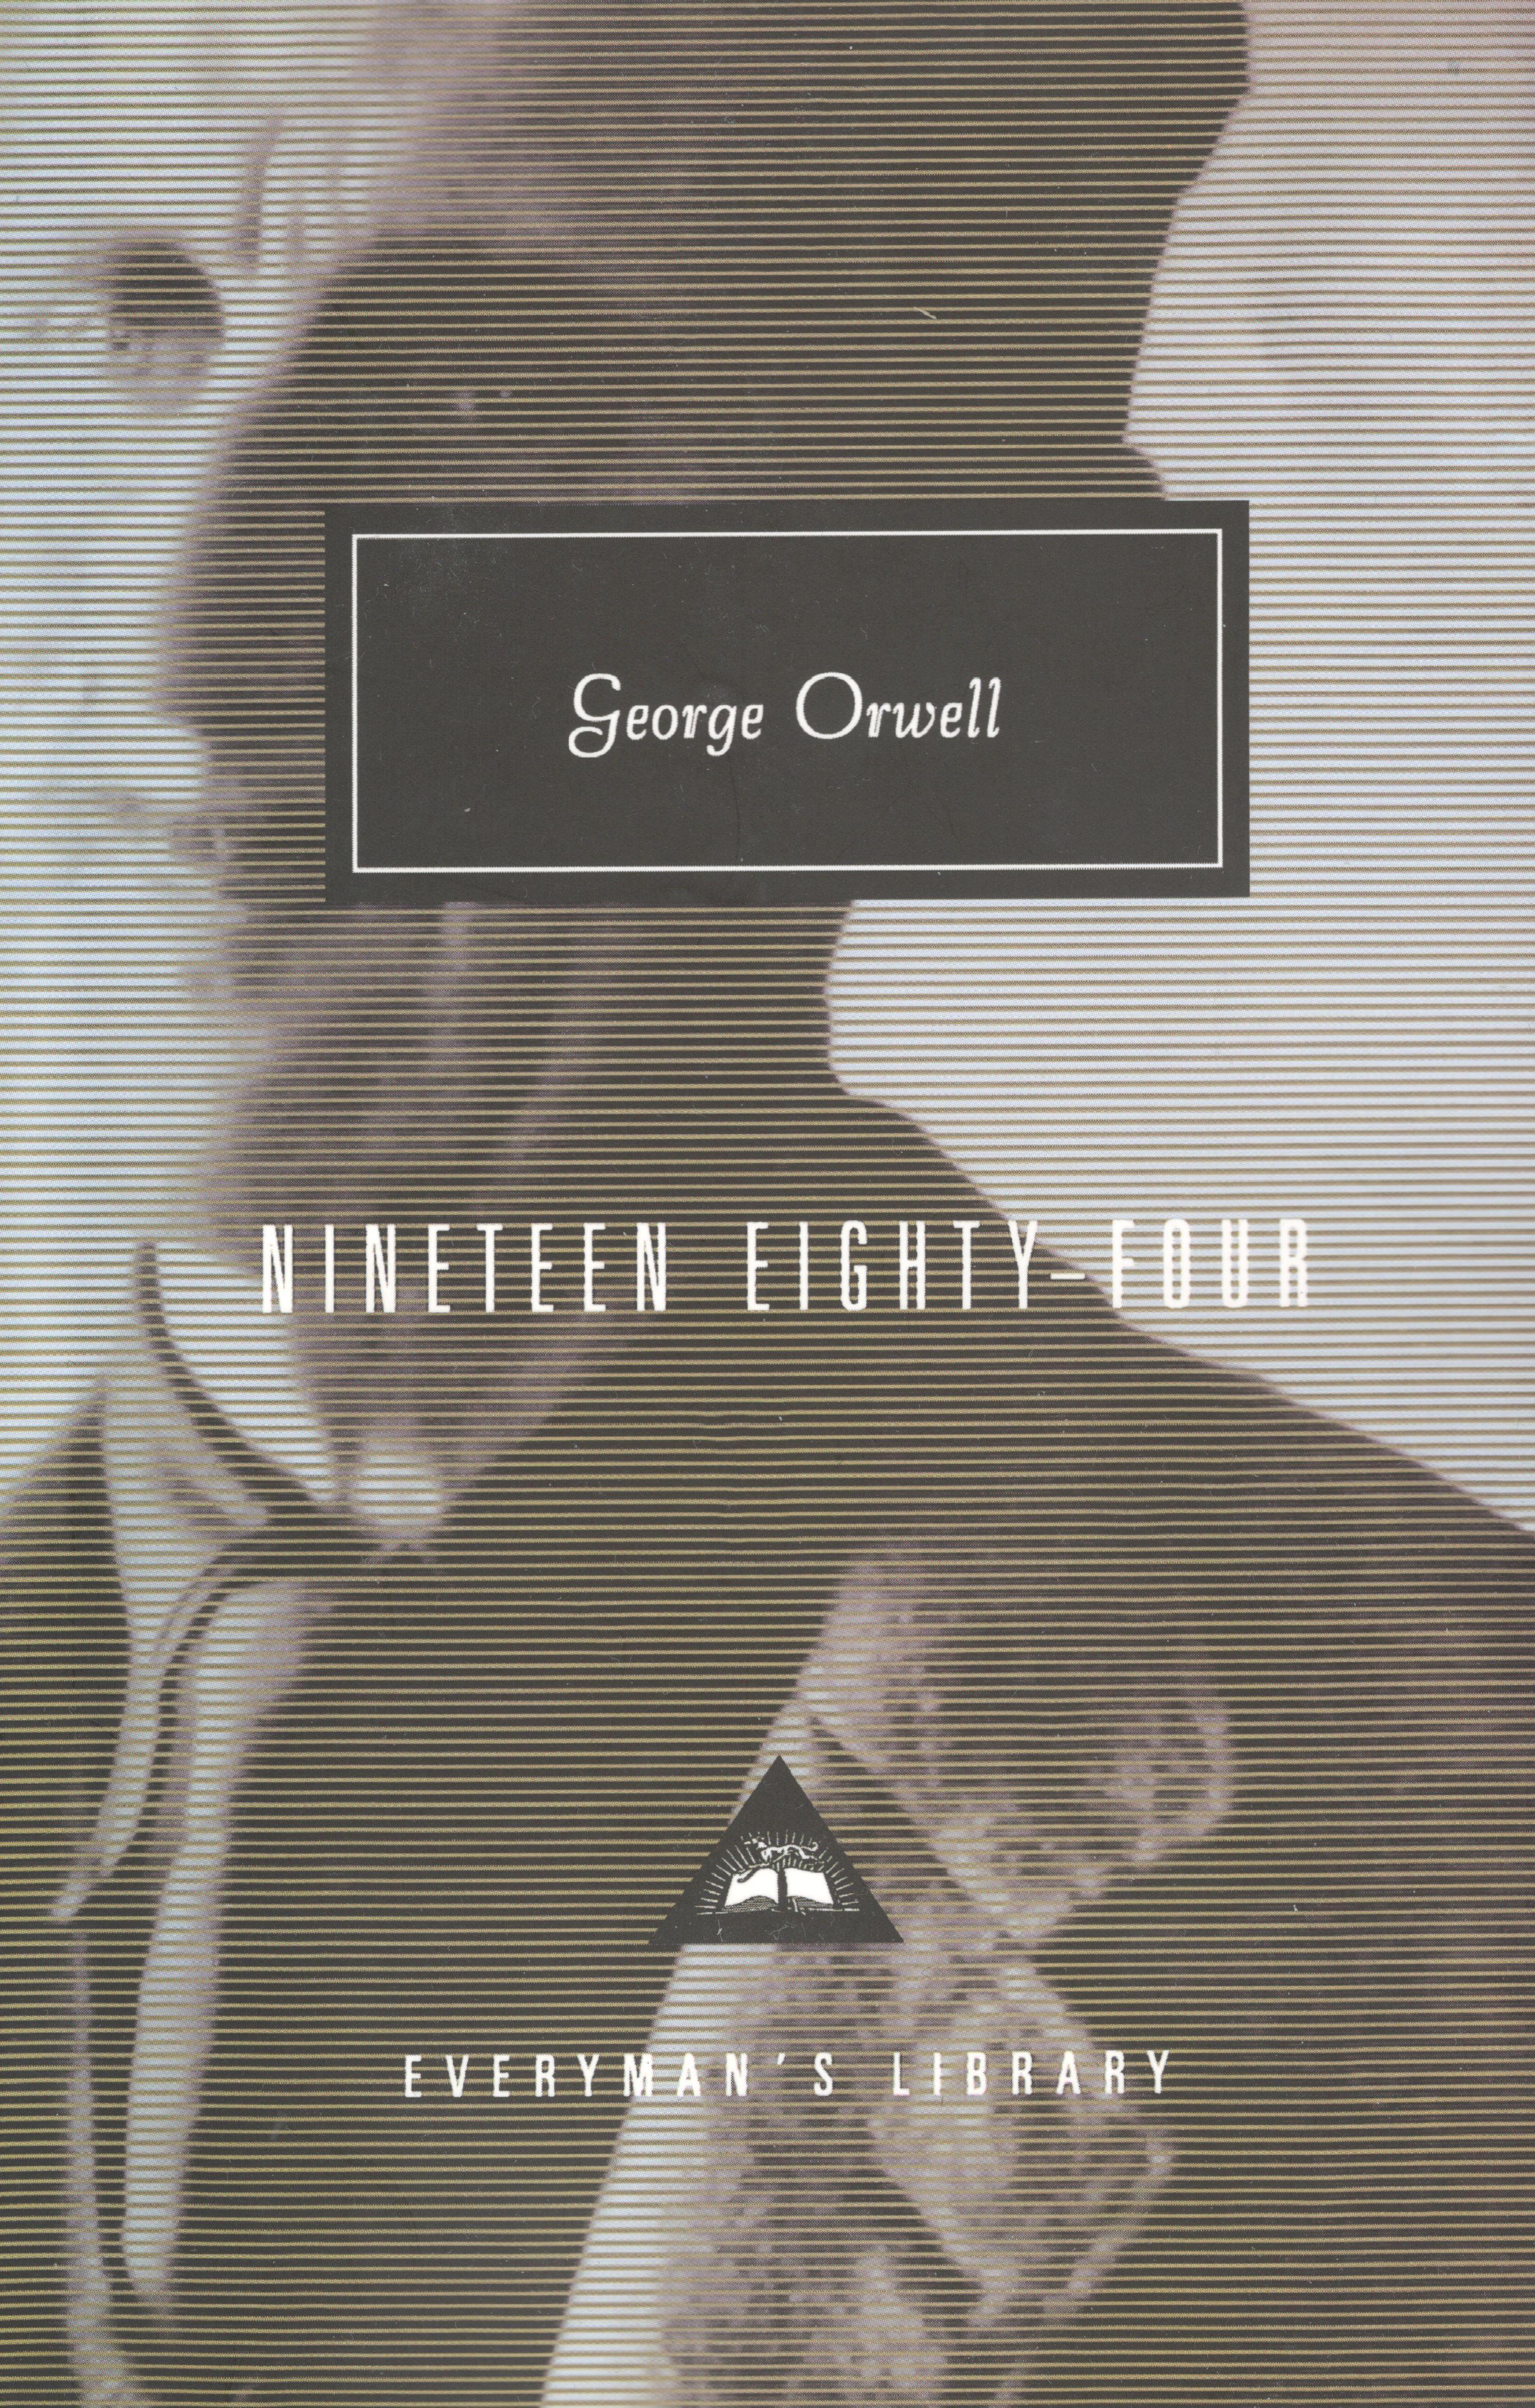 """کتاب """"1984"""" از جرج اورول /کتابی که هر ایرانی باید بخواند"""